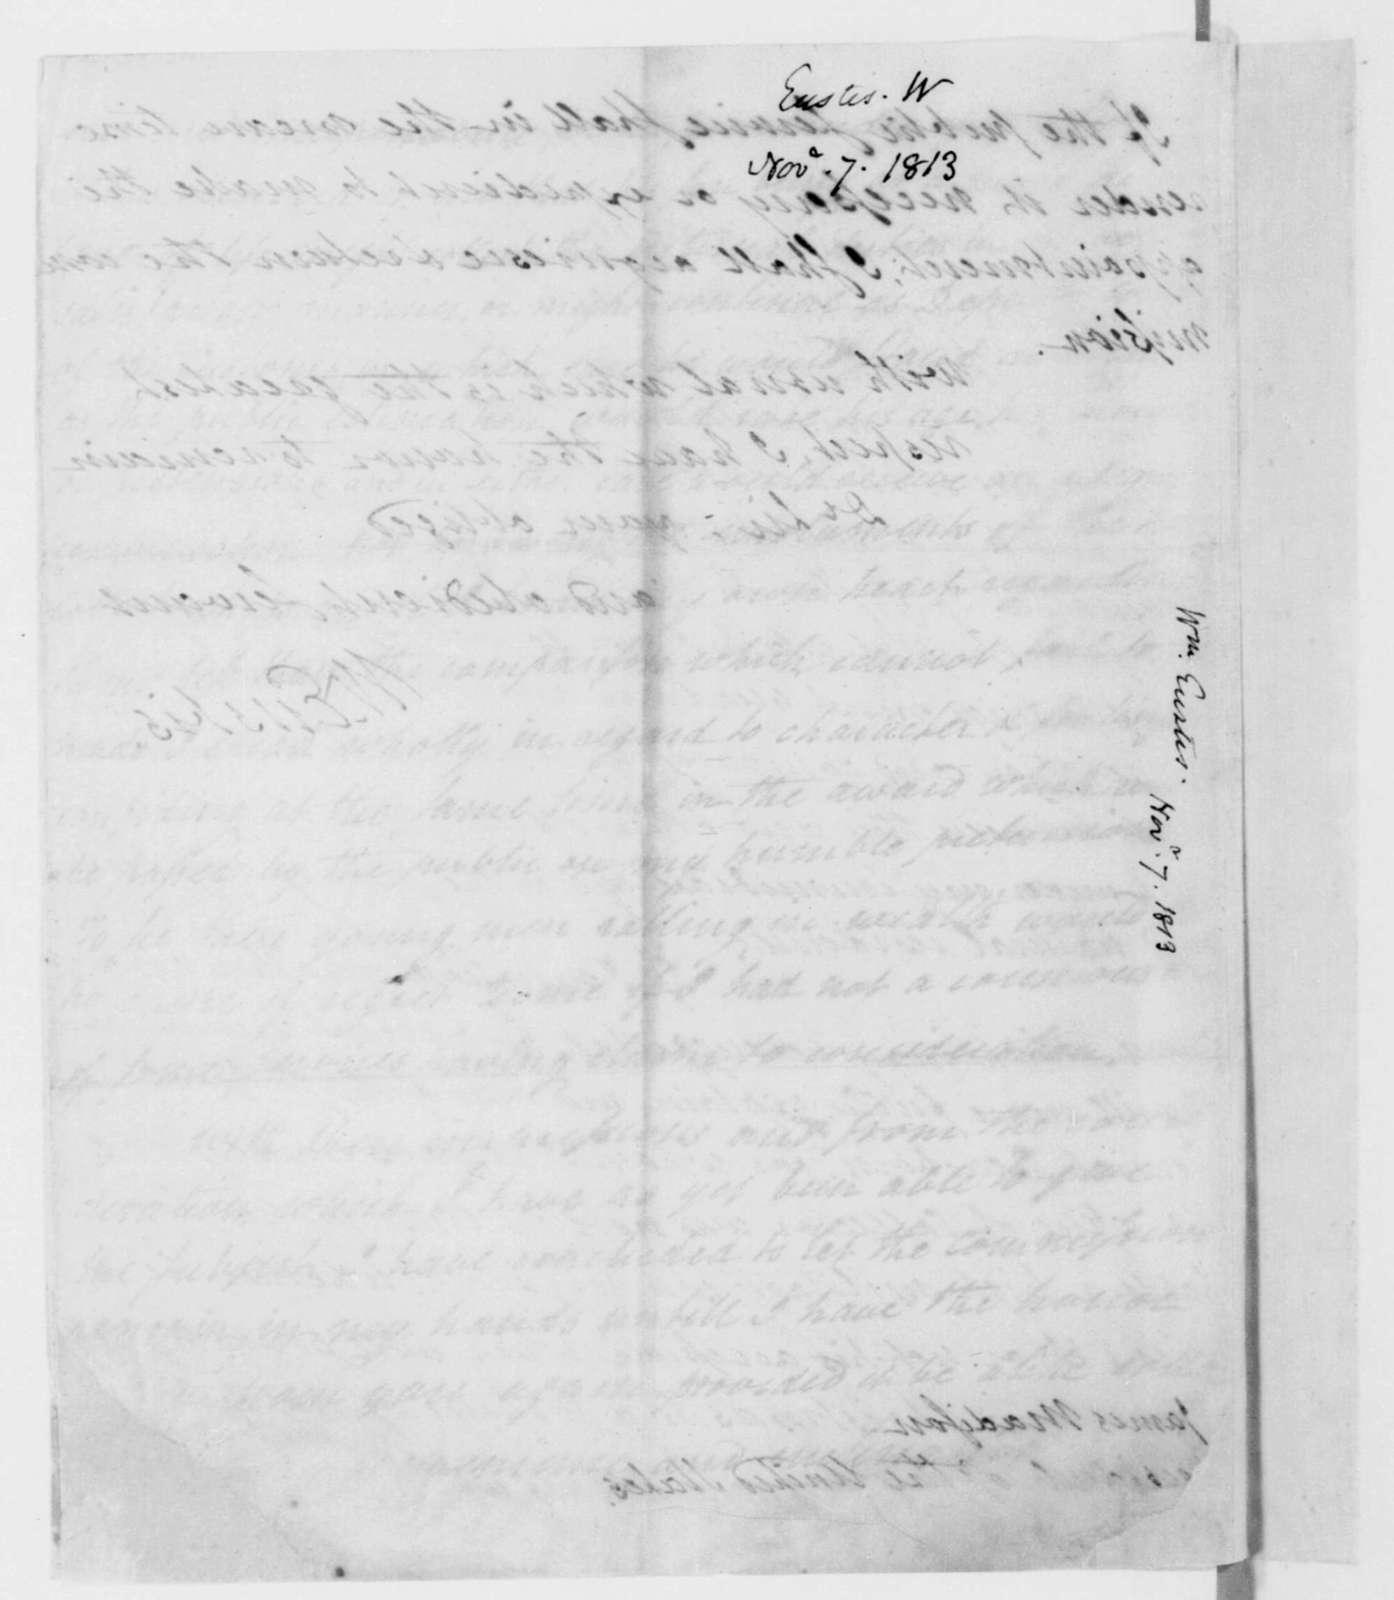 William Eustis to James Madison, November 7, 1813.